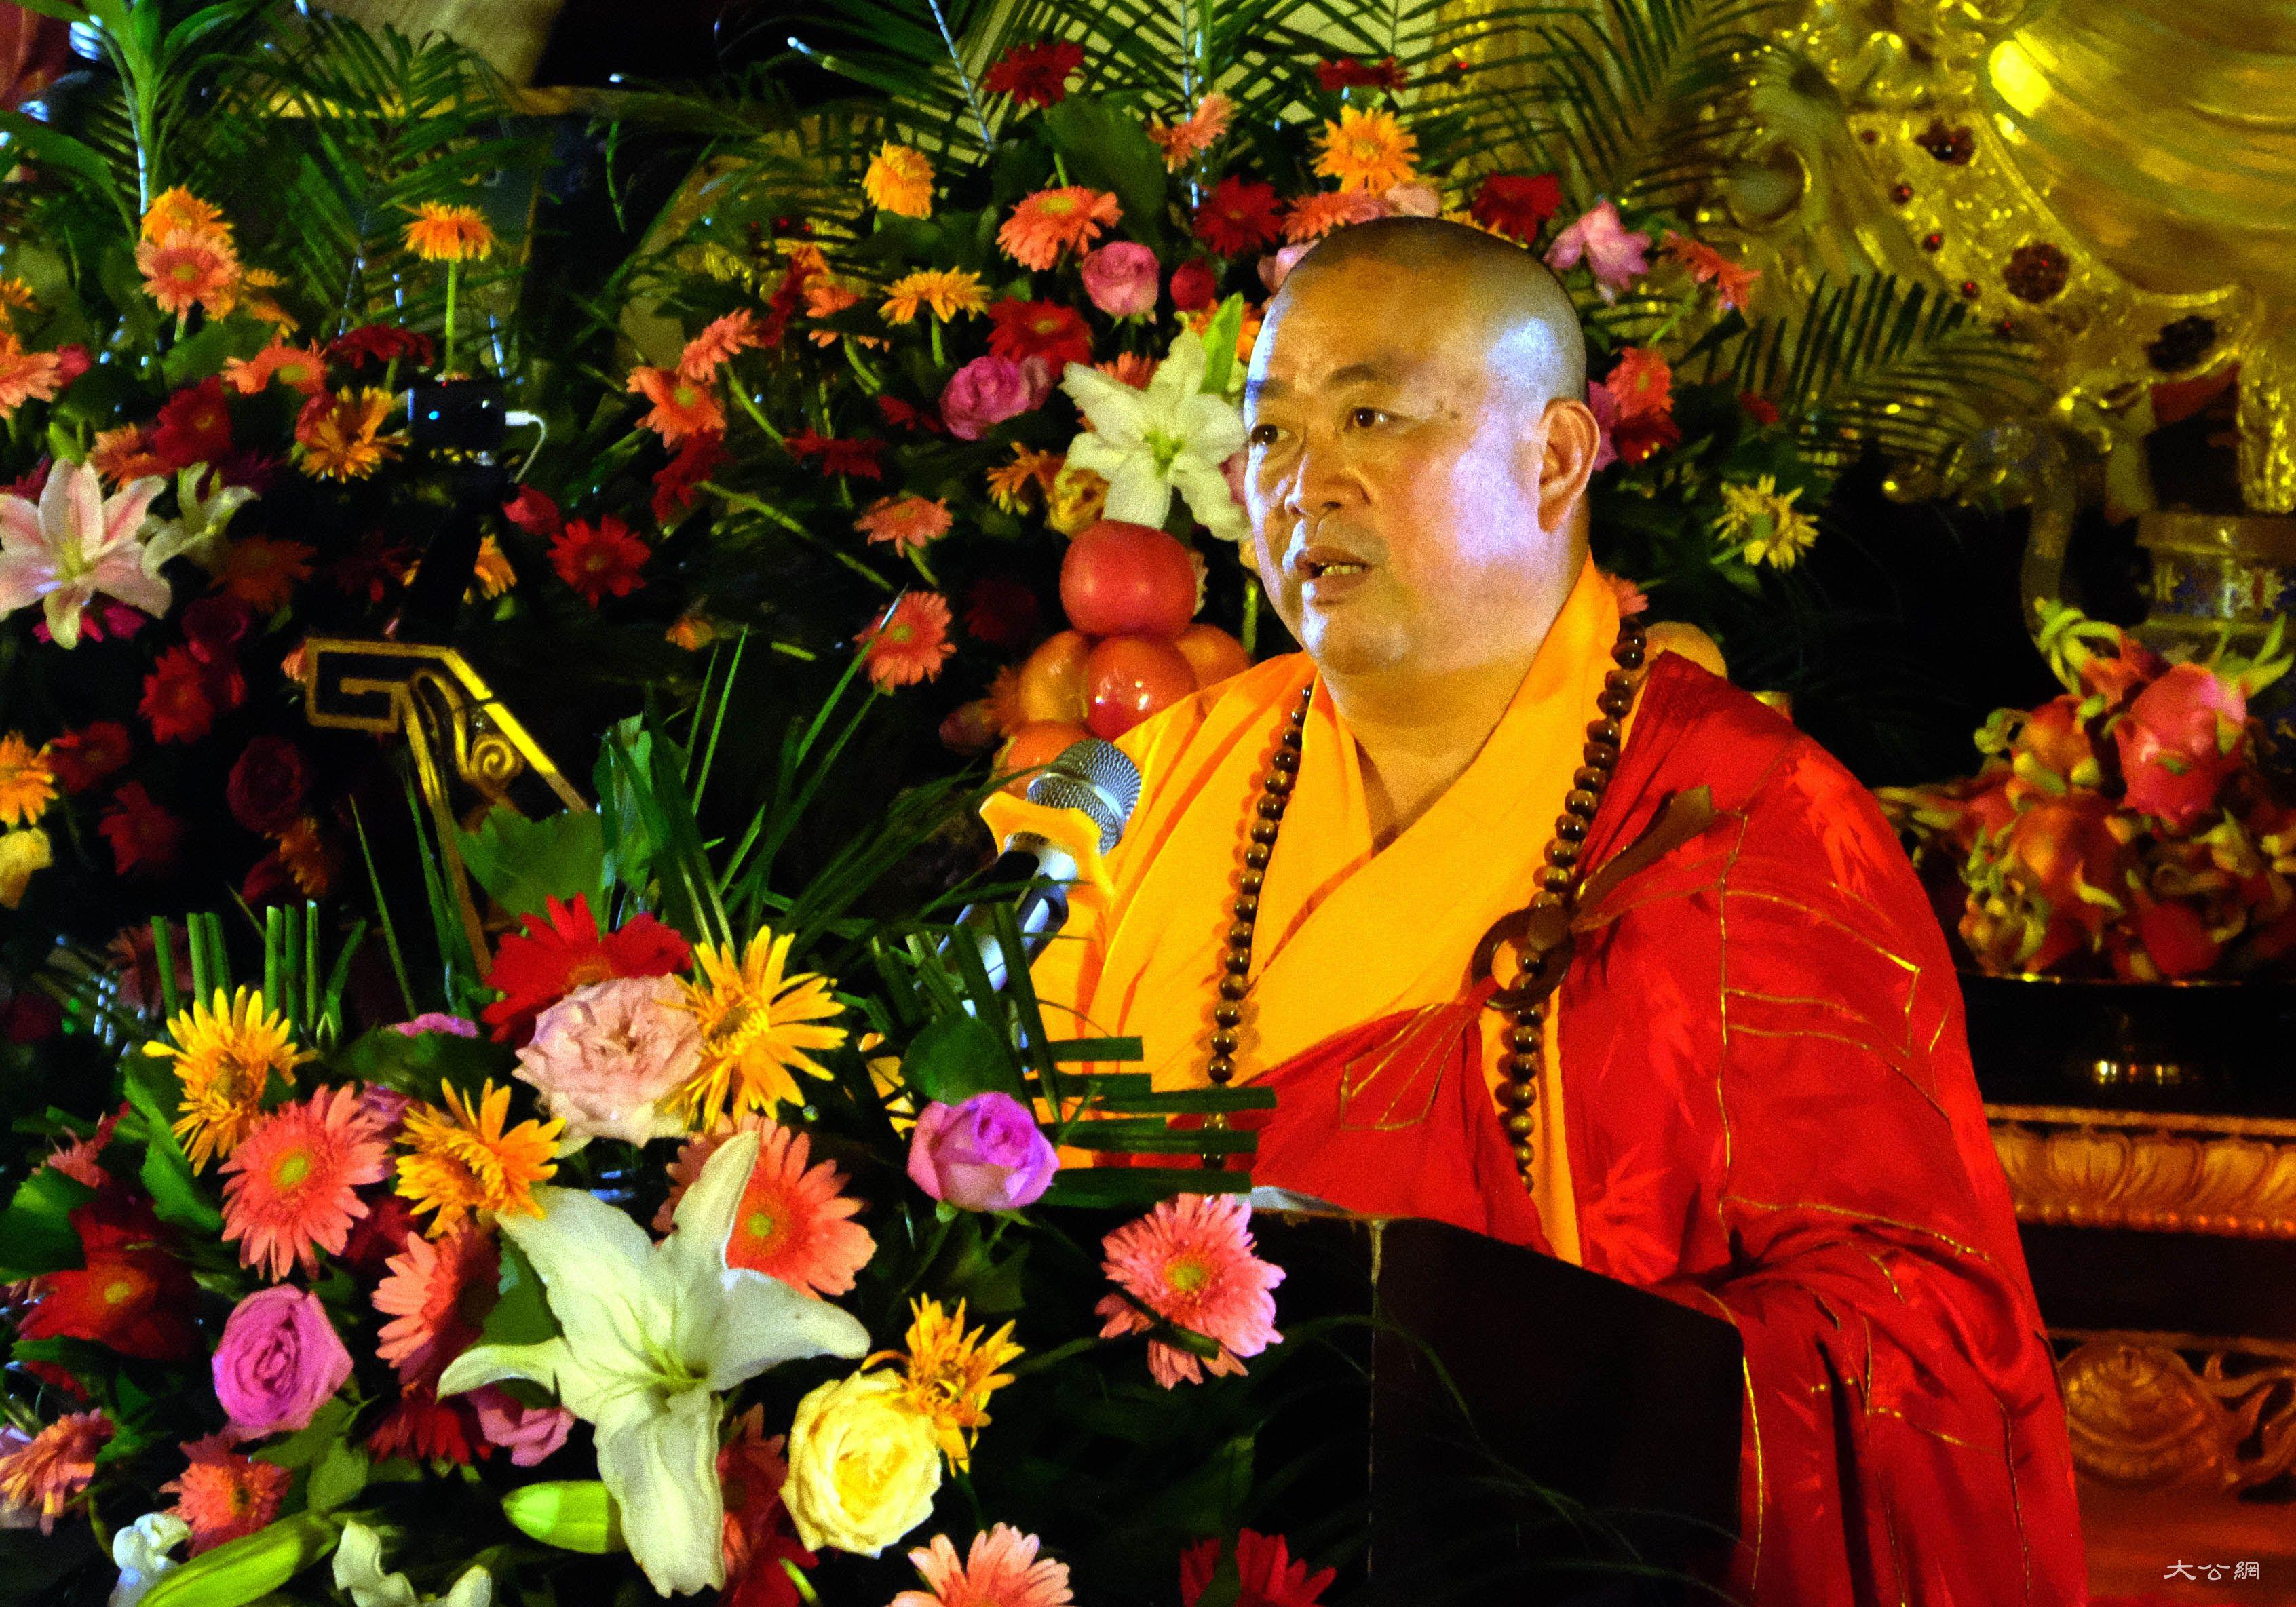 六大禅宗寺院方丈齐聚少林 140余專家學者共話振興禪宗